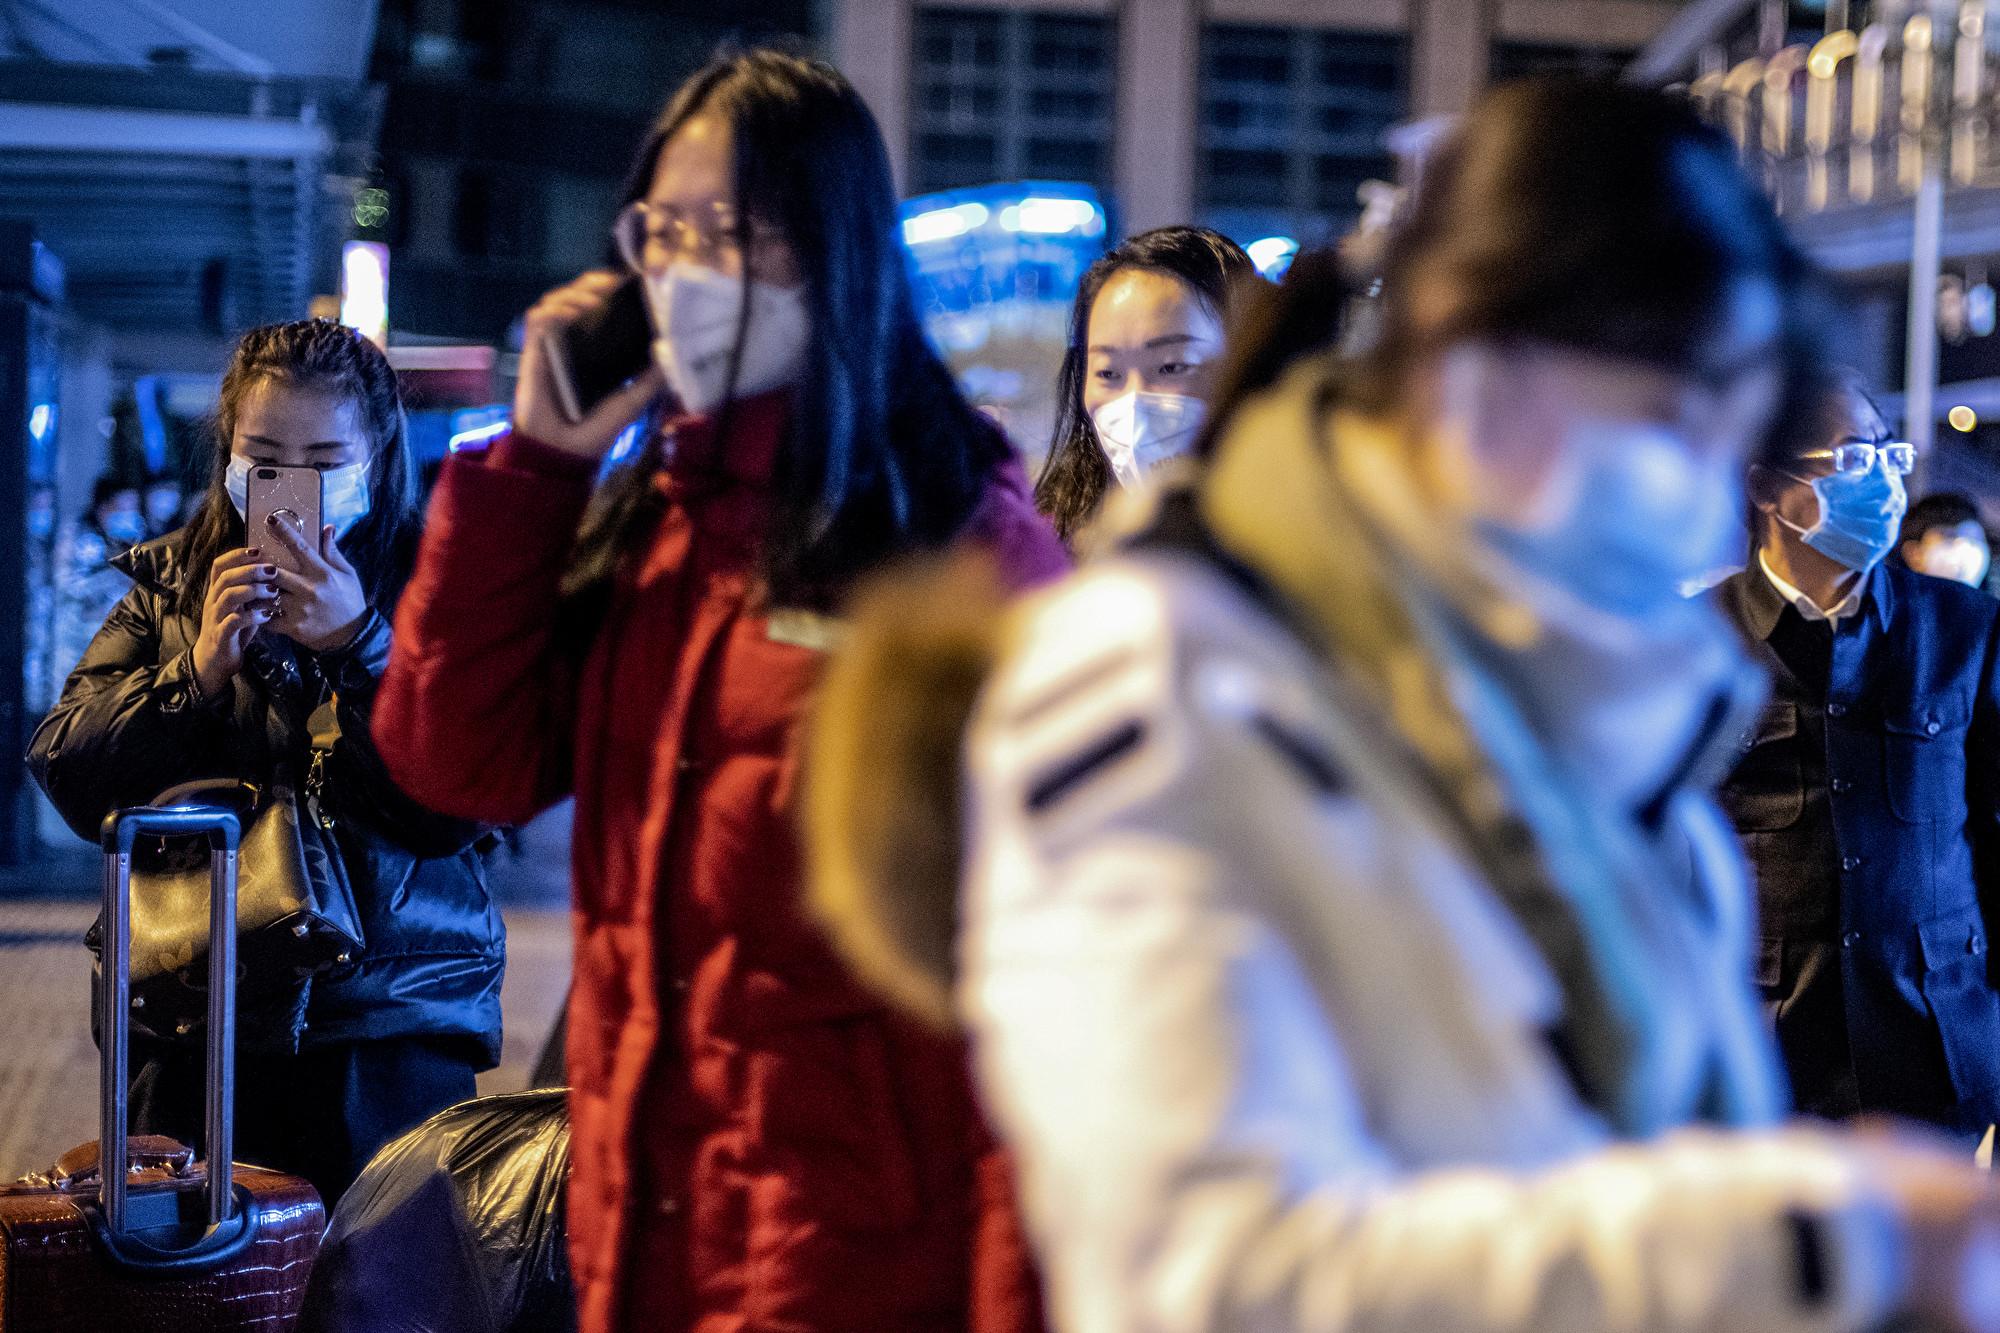 中共發放捆綁消費券刺激消費 民眾不滿